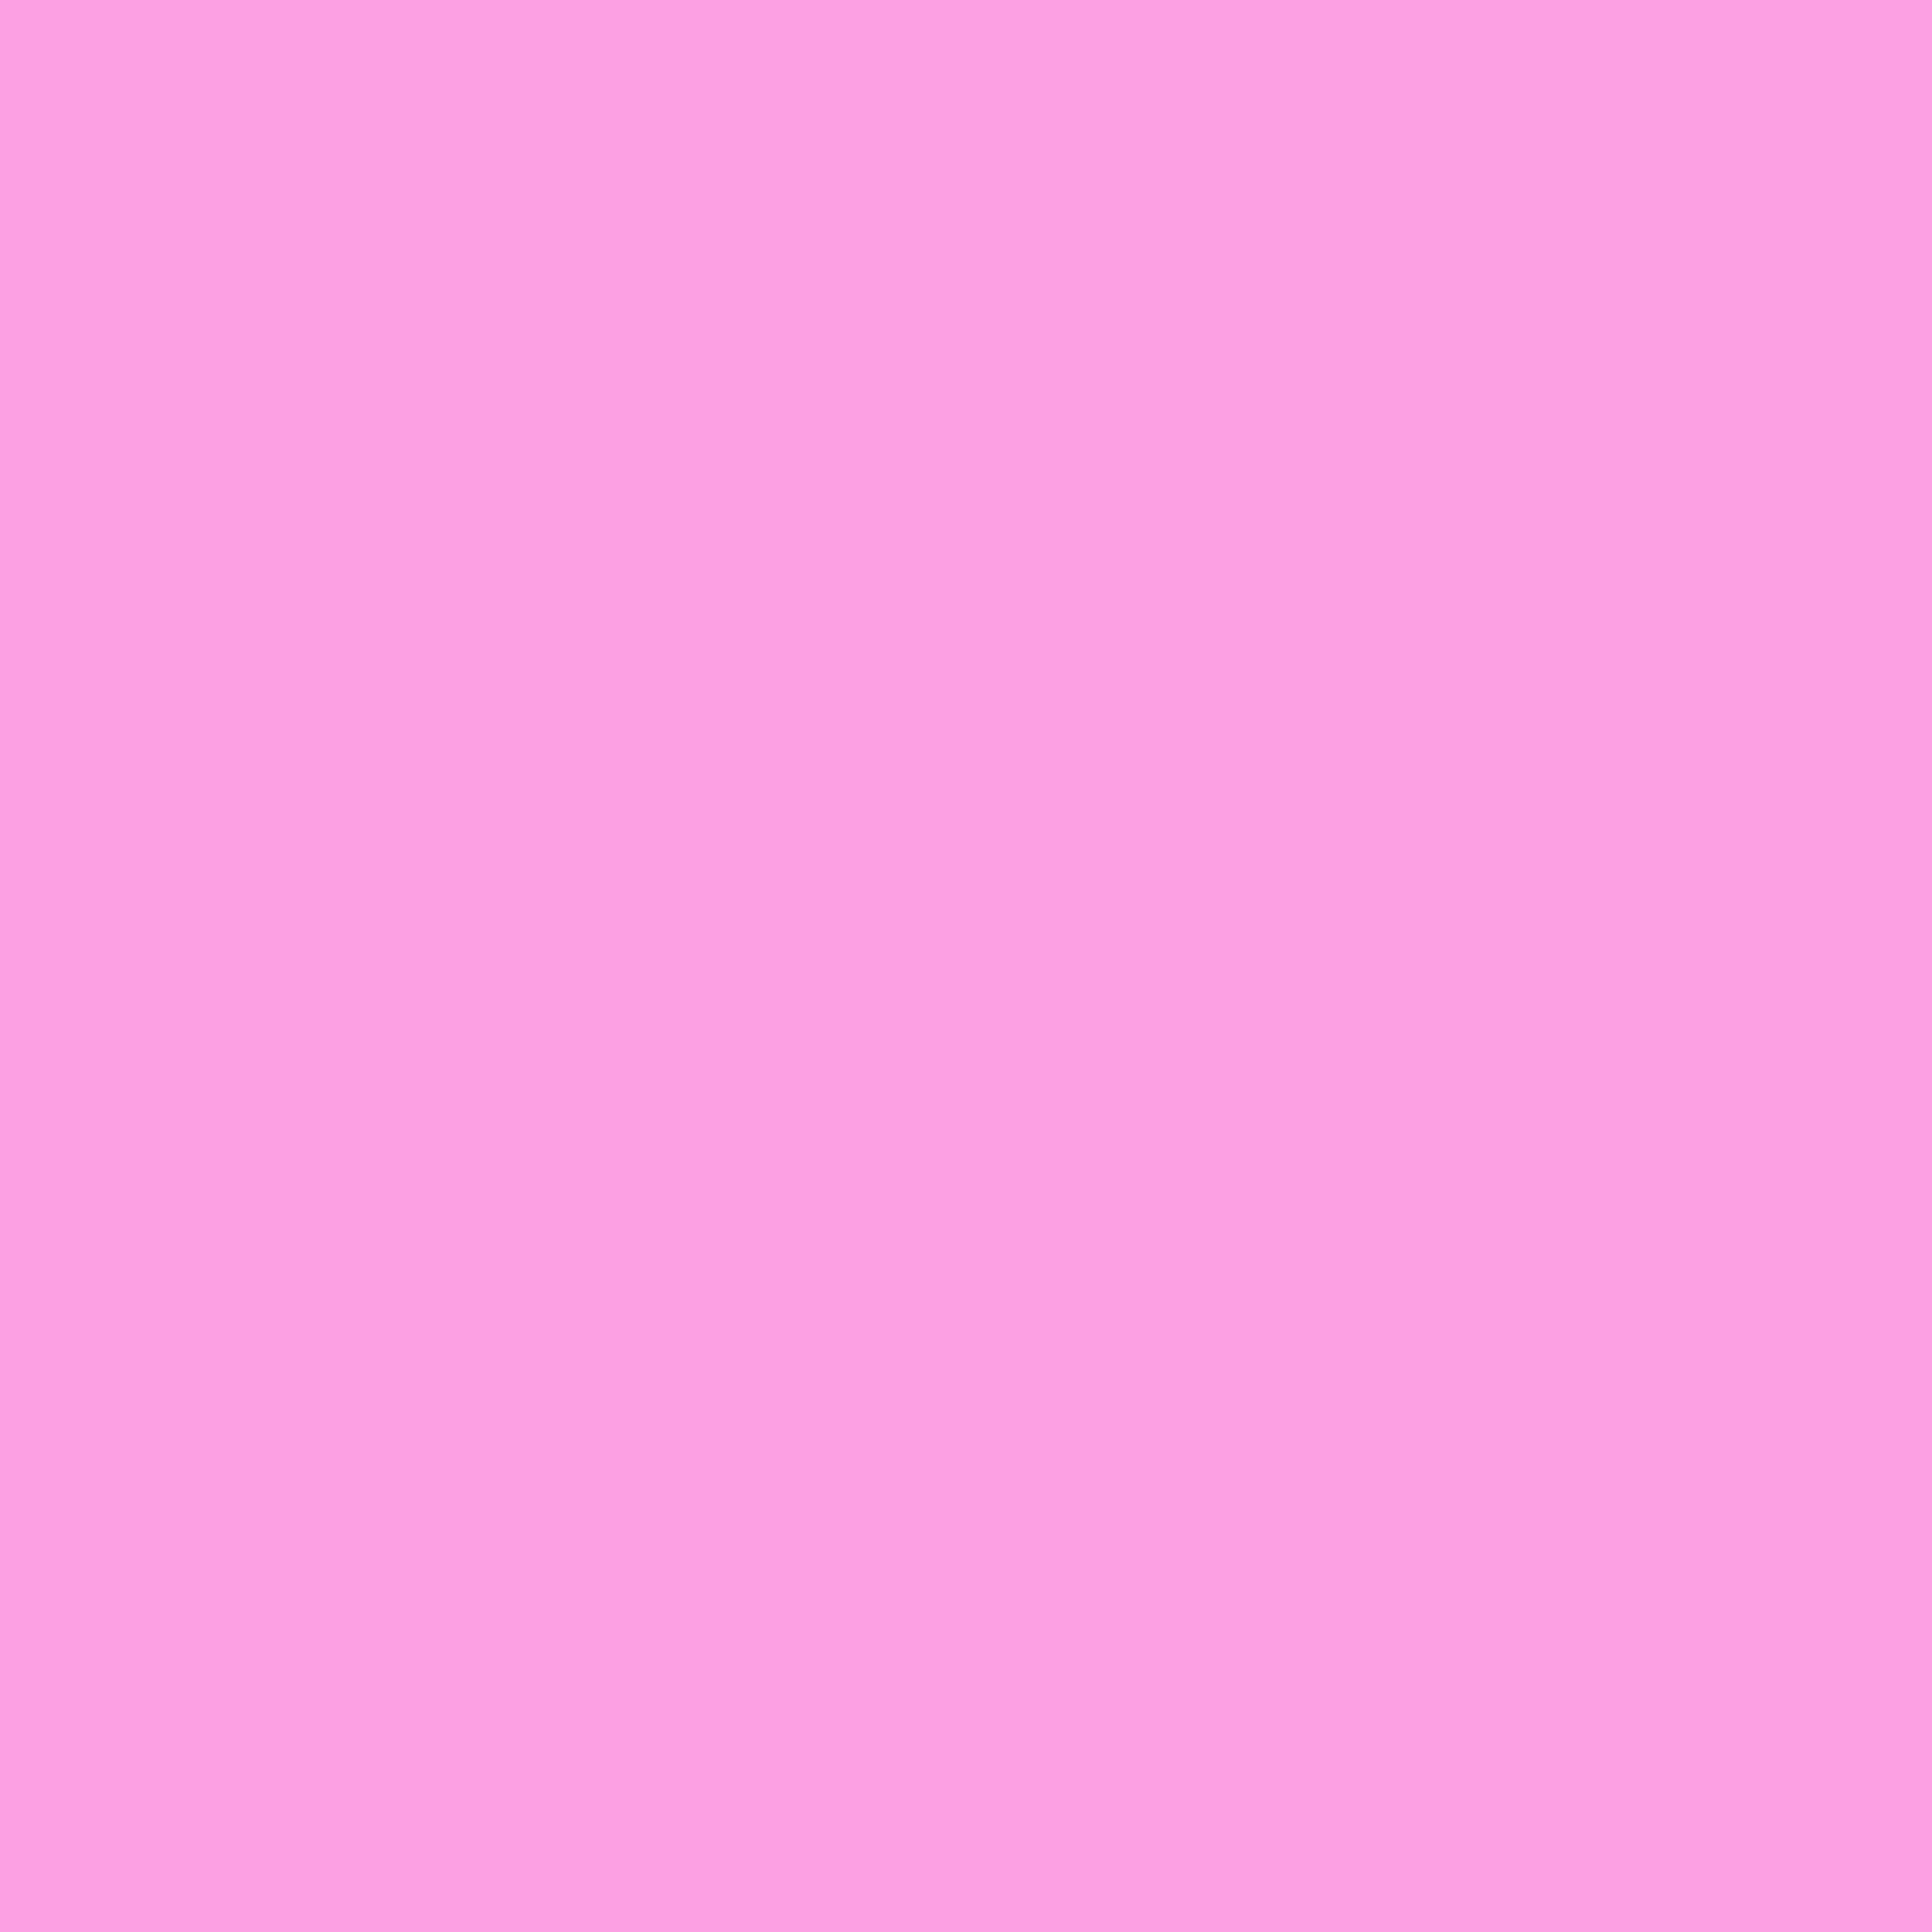 2732x2732 Lavender Rose Solid Color Background